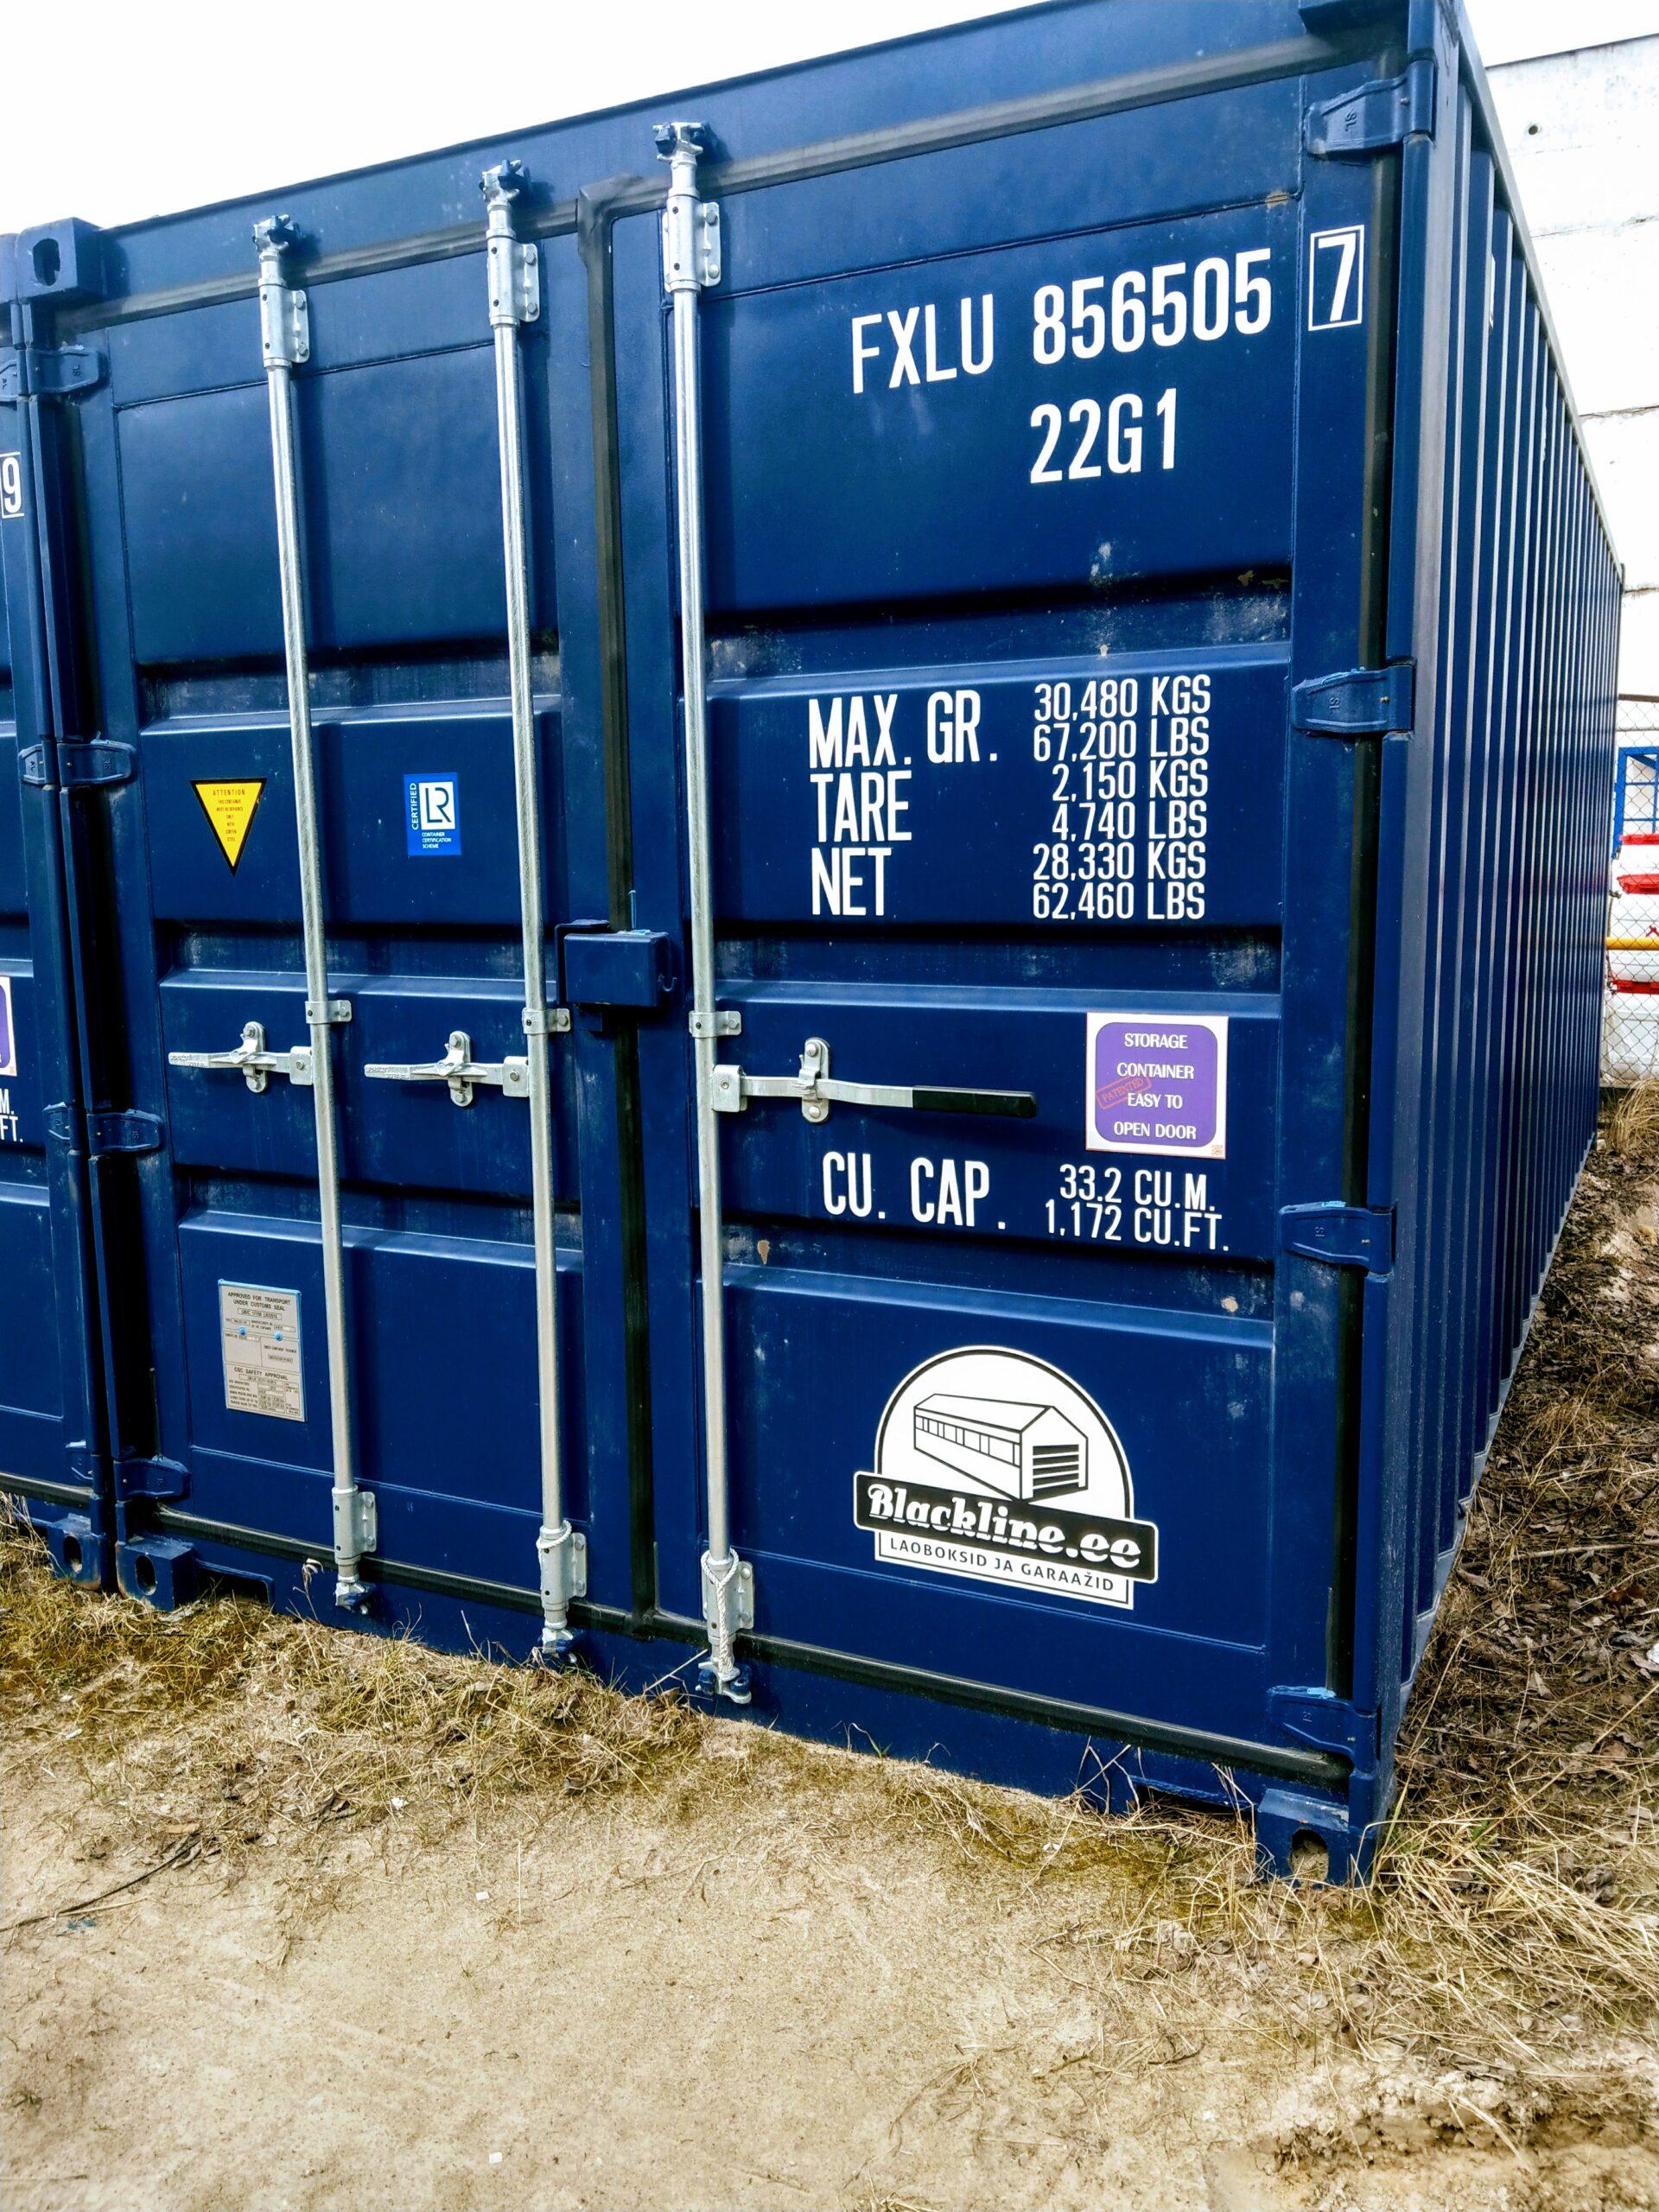 Uus konteinerladu NR 11 – FXLU8565057